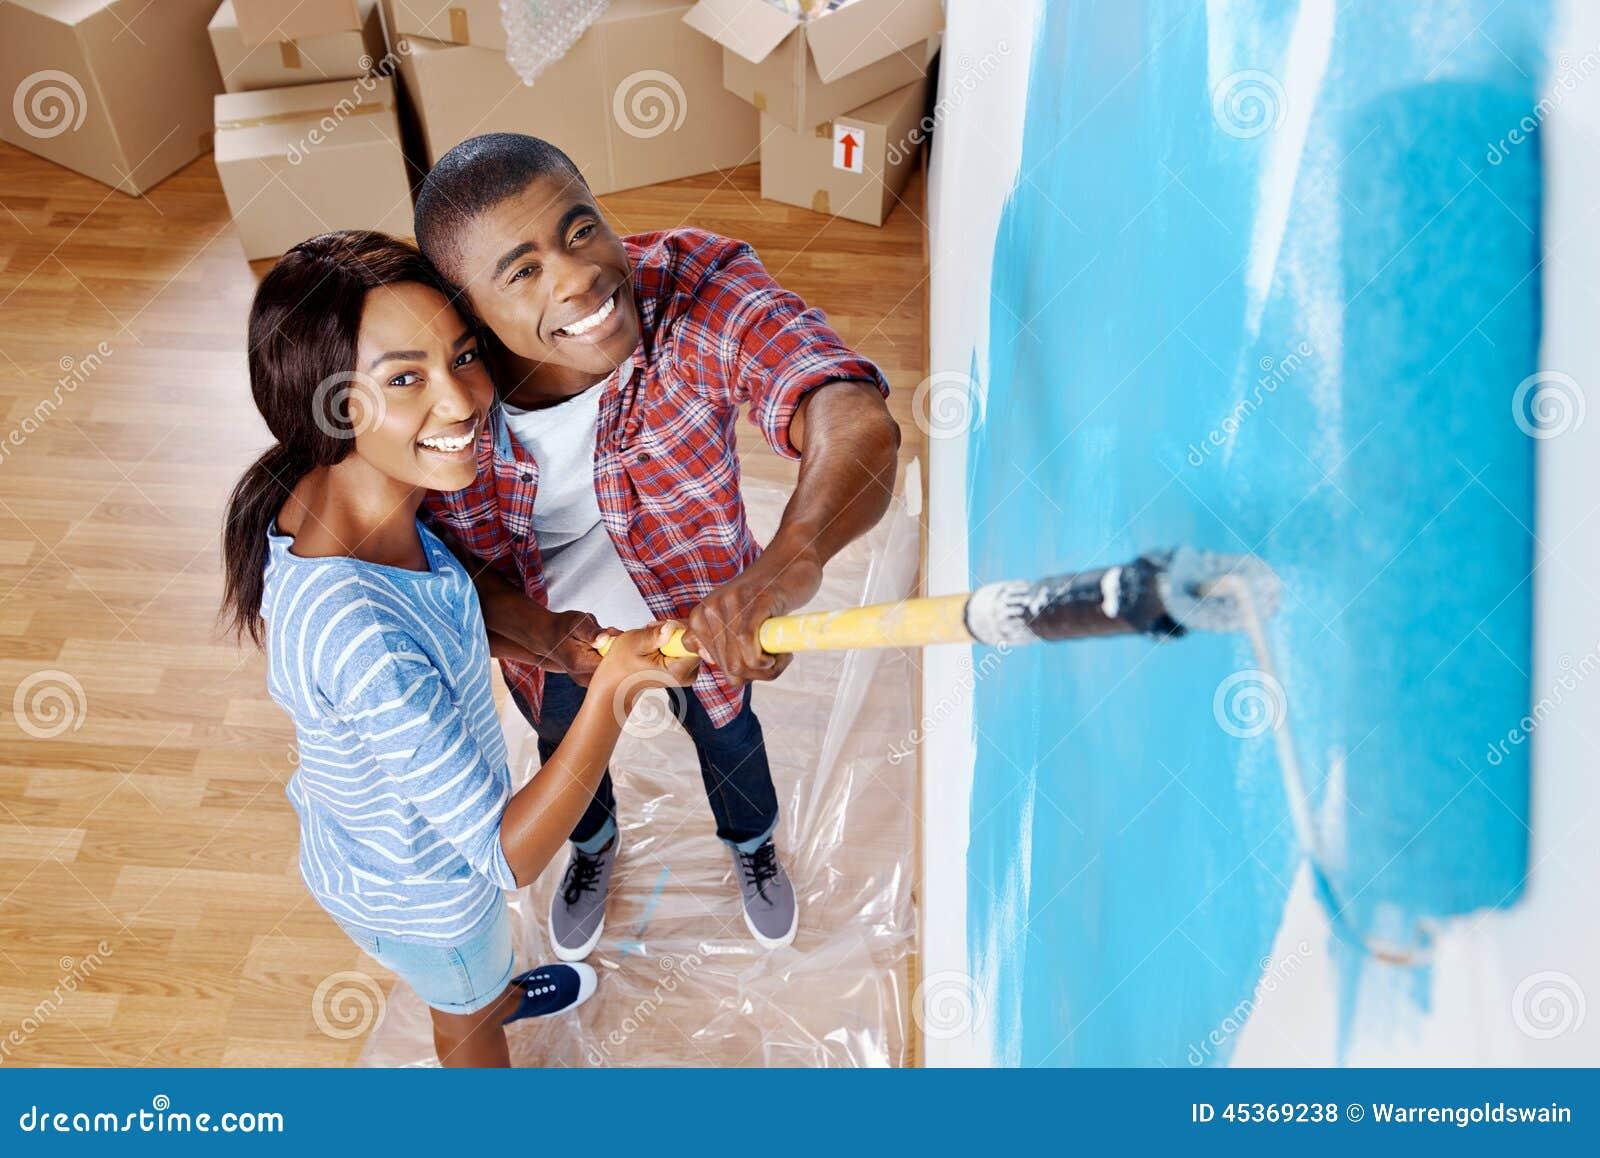 Couples de mur de peinture